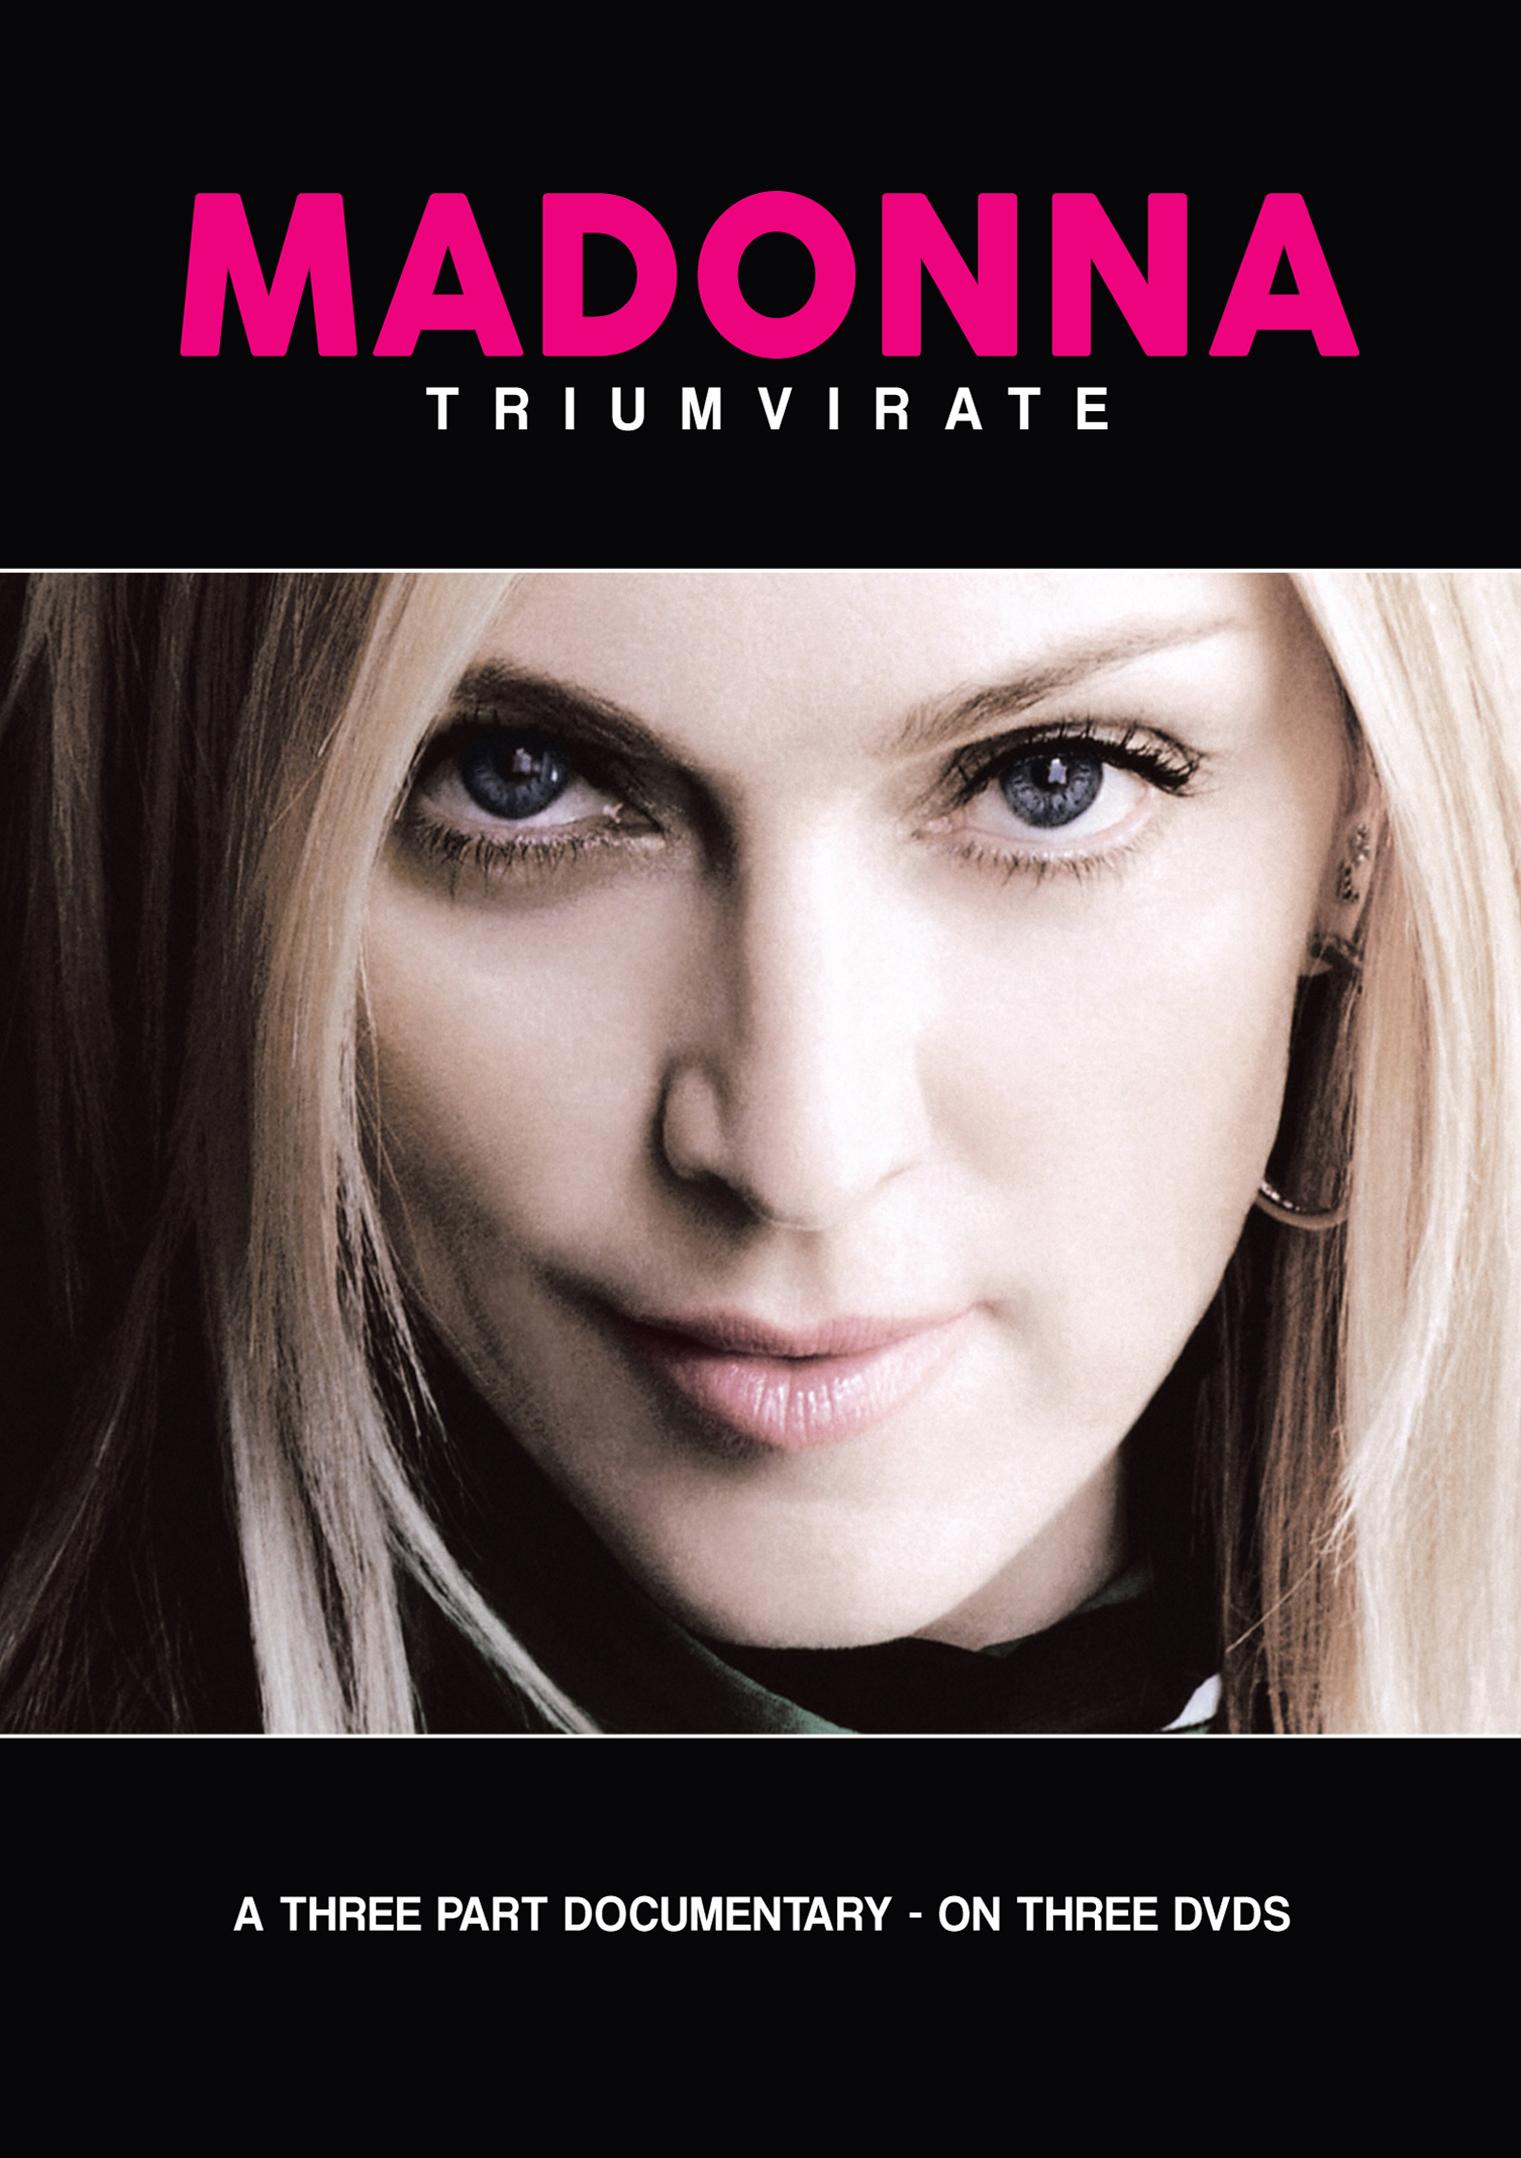 Madonna: Triumvirate